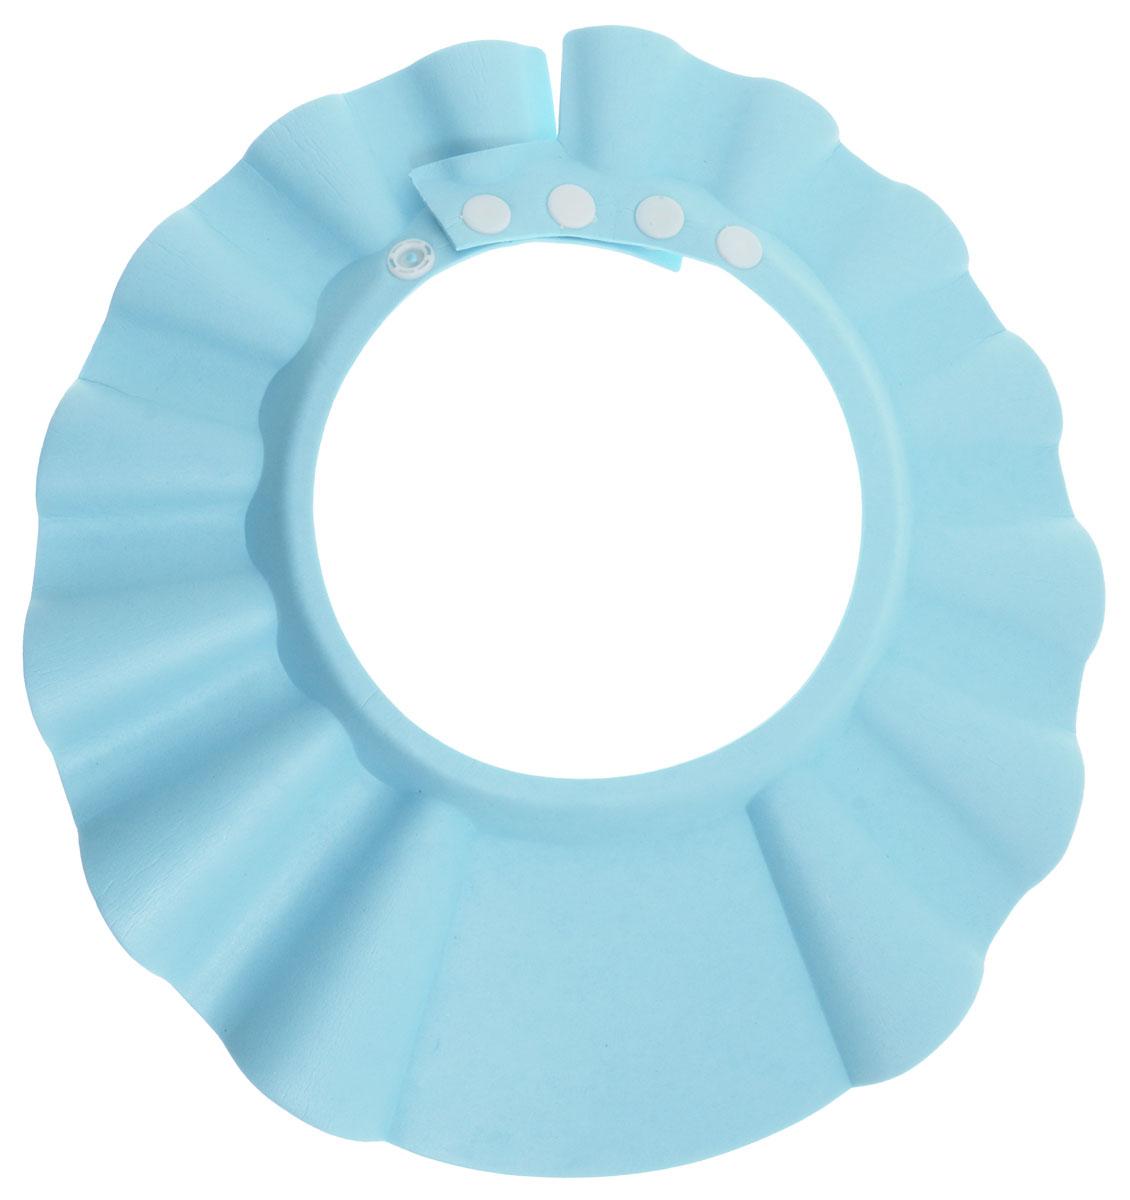 Bradex Козырек для мытья головы Купаемся без слез цвет голубой -  Все для купания